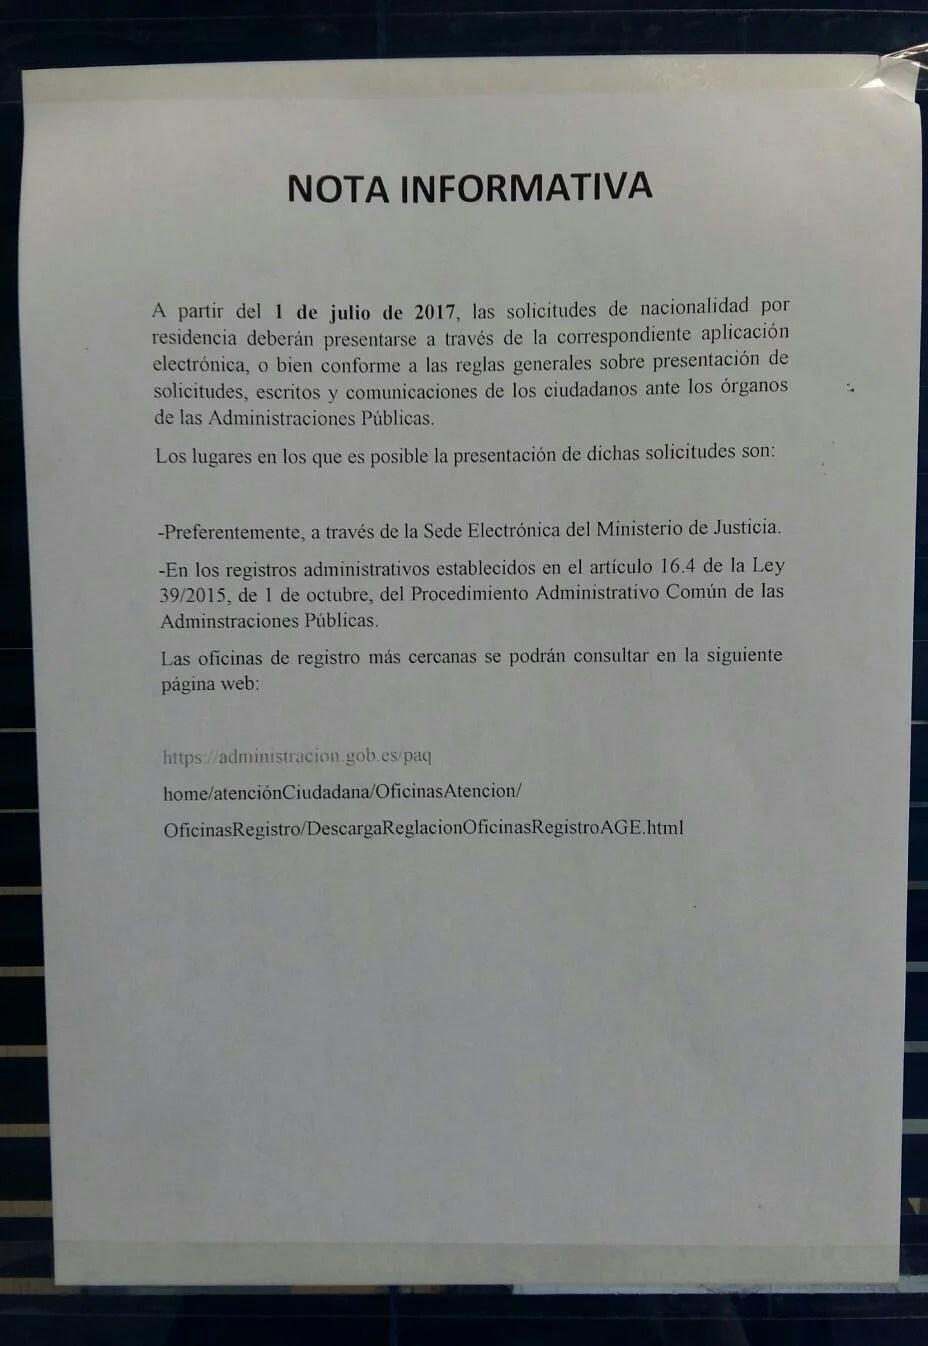 Presentaci n solicitud nacionalidad espa ola por for Oficina registro madrid